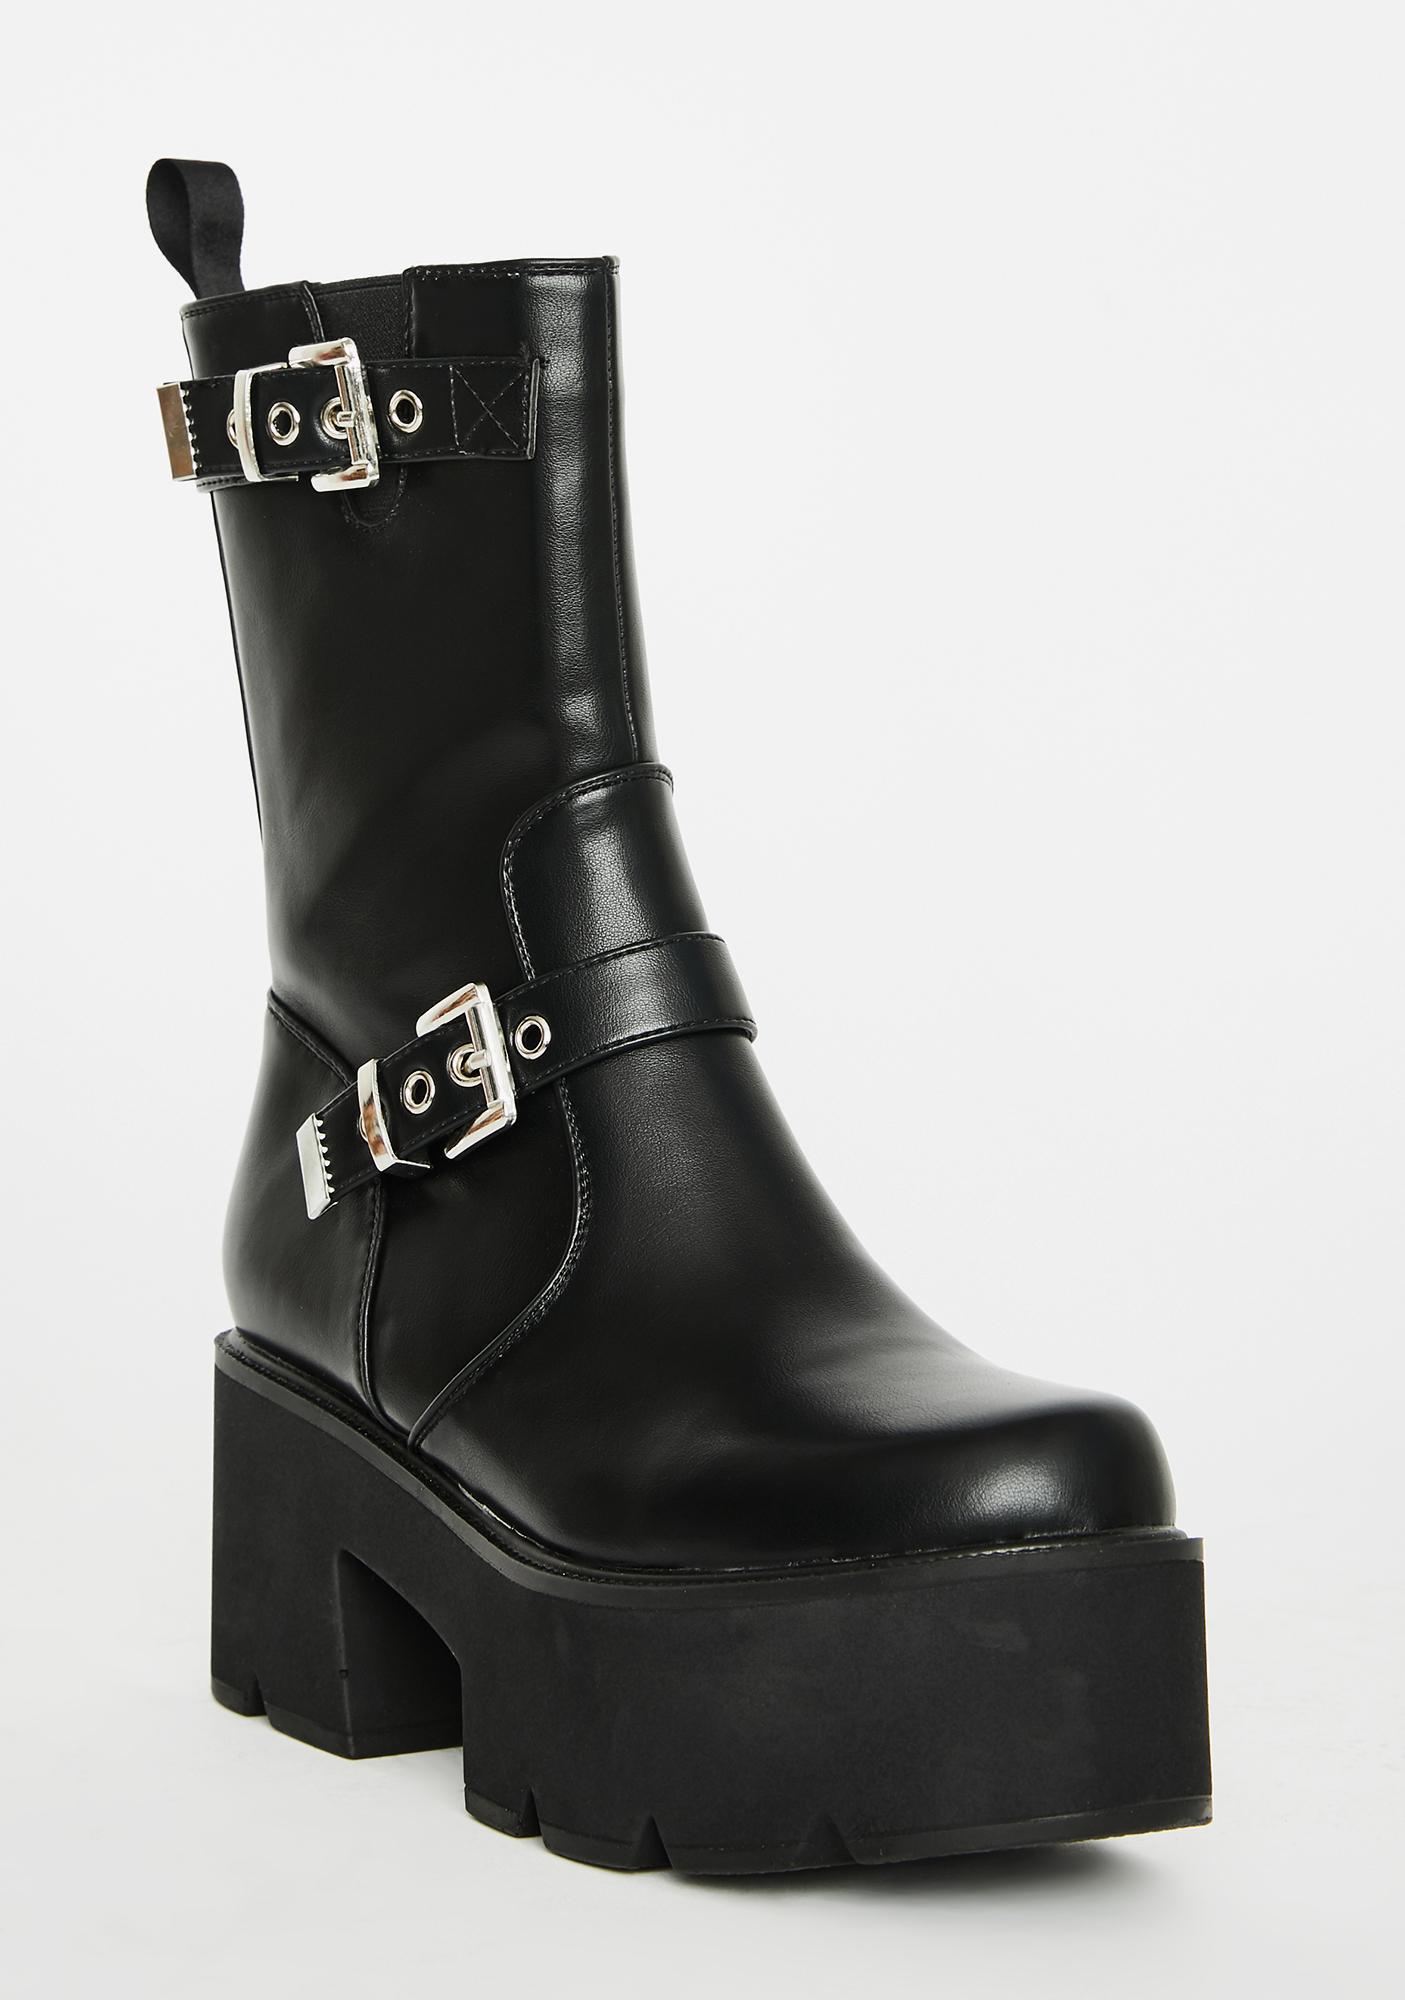 Lamoda Pushin' Limits Platform Boots